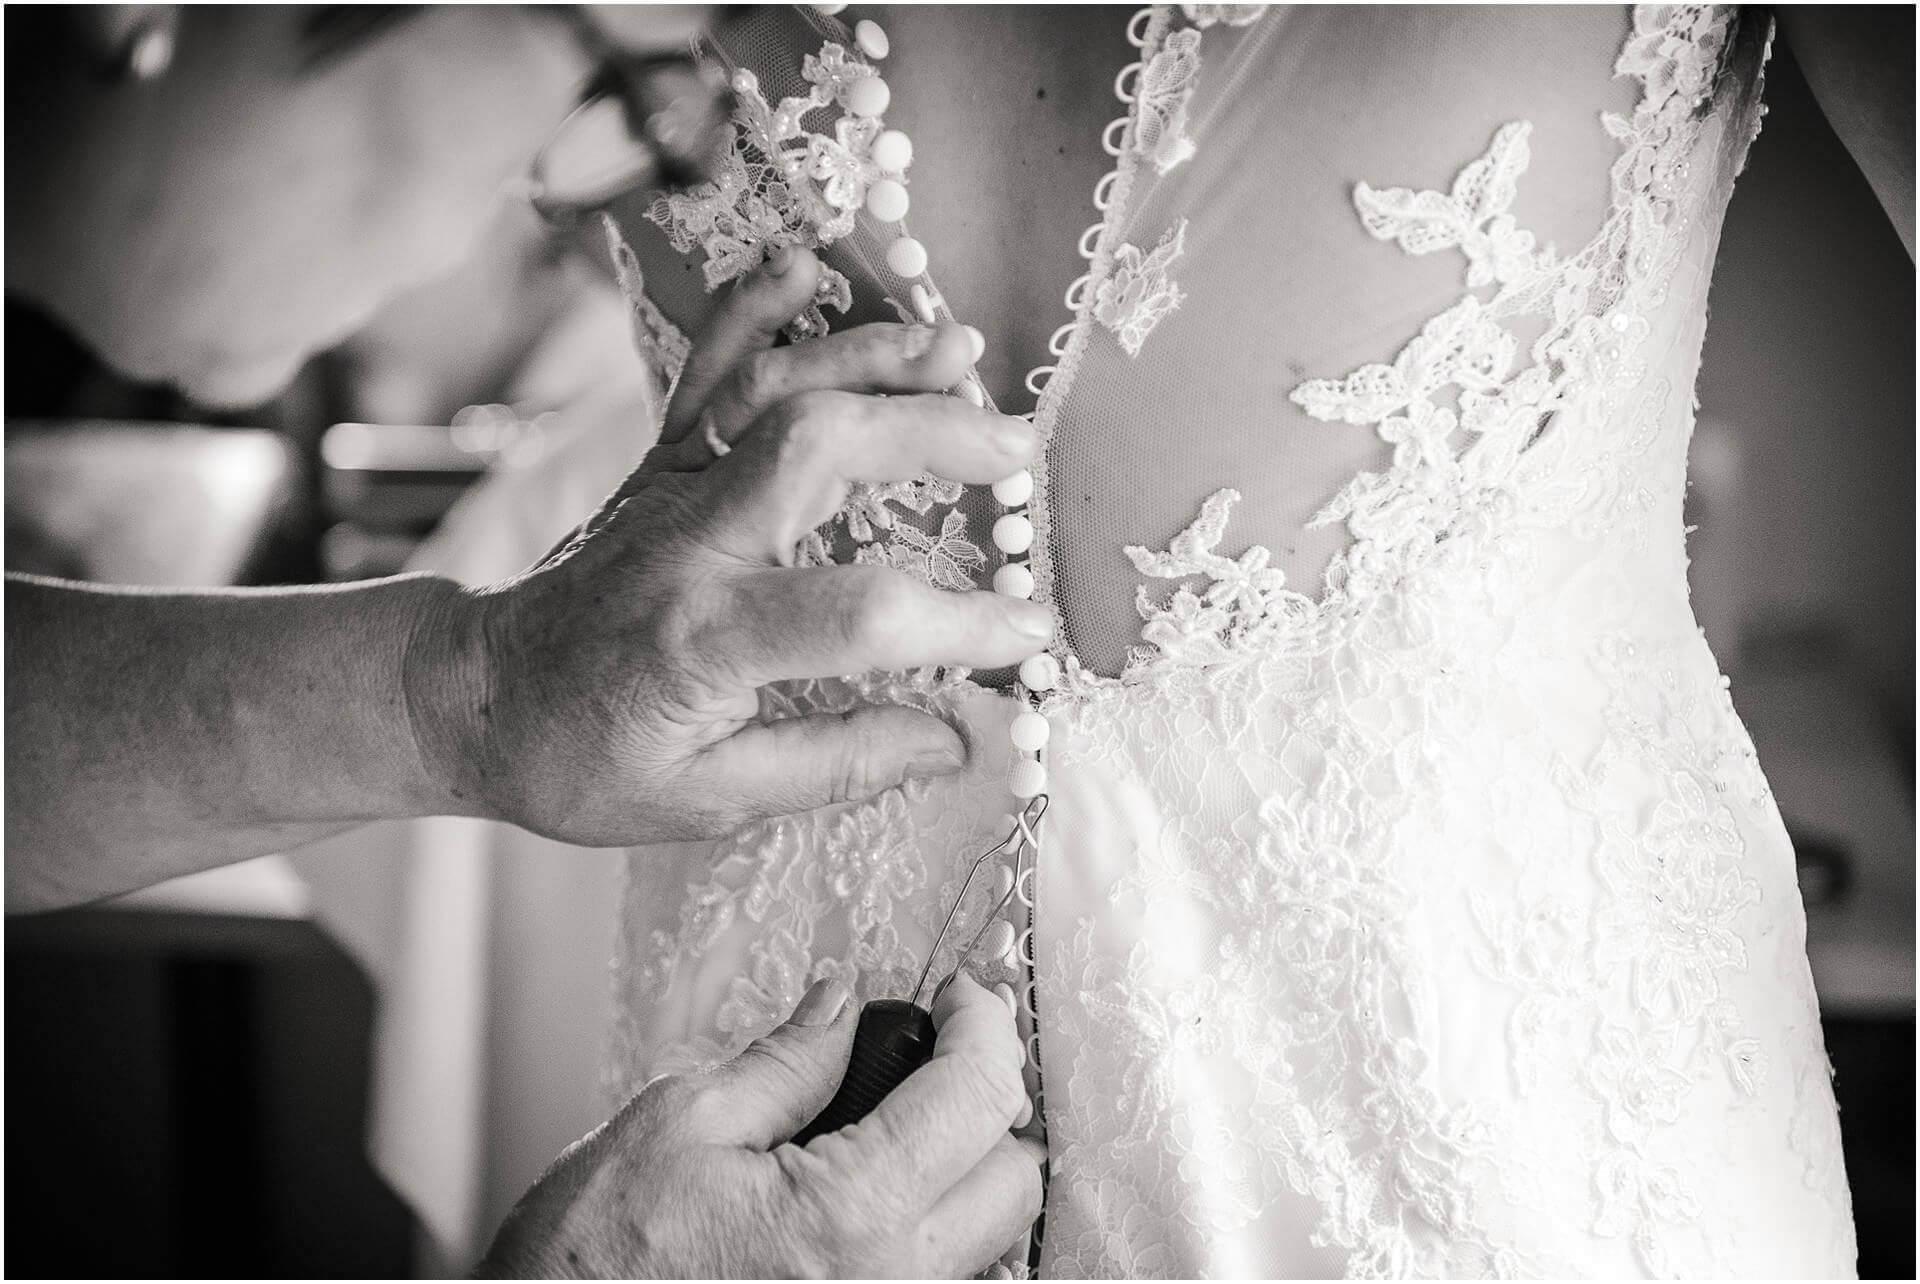 2017,Bedaf,Bruiloft,Sander en Karen Maas,Vorstenbosch,Zwart-Wit,buiten trouwen,